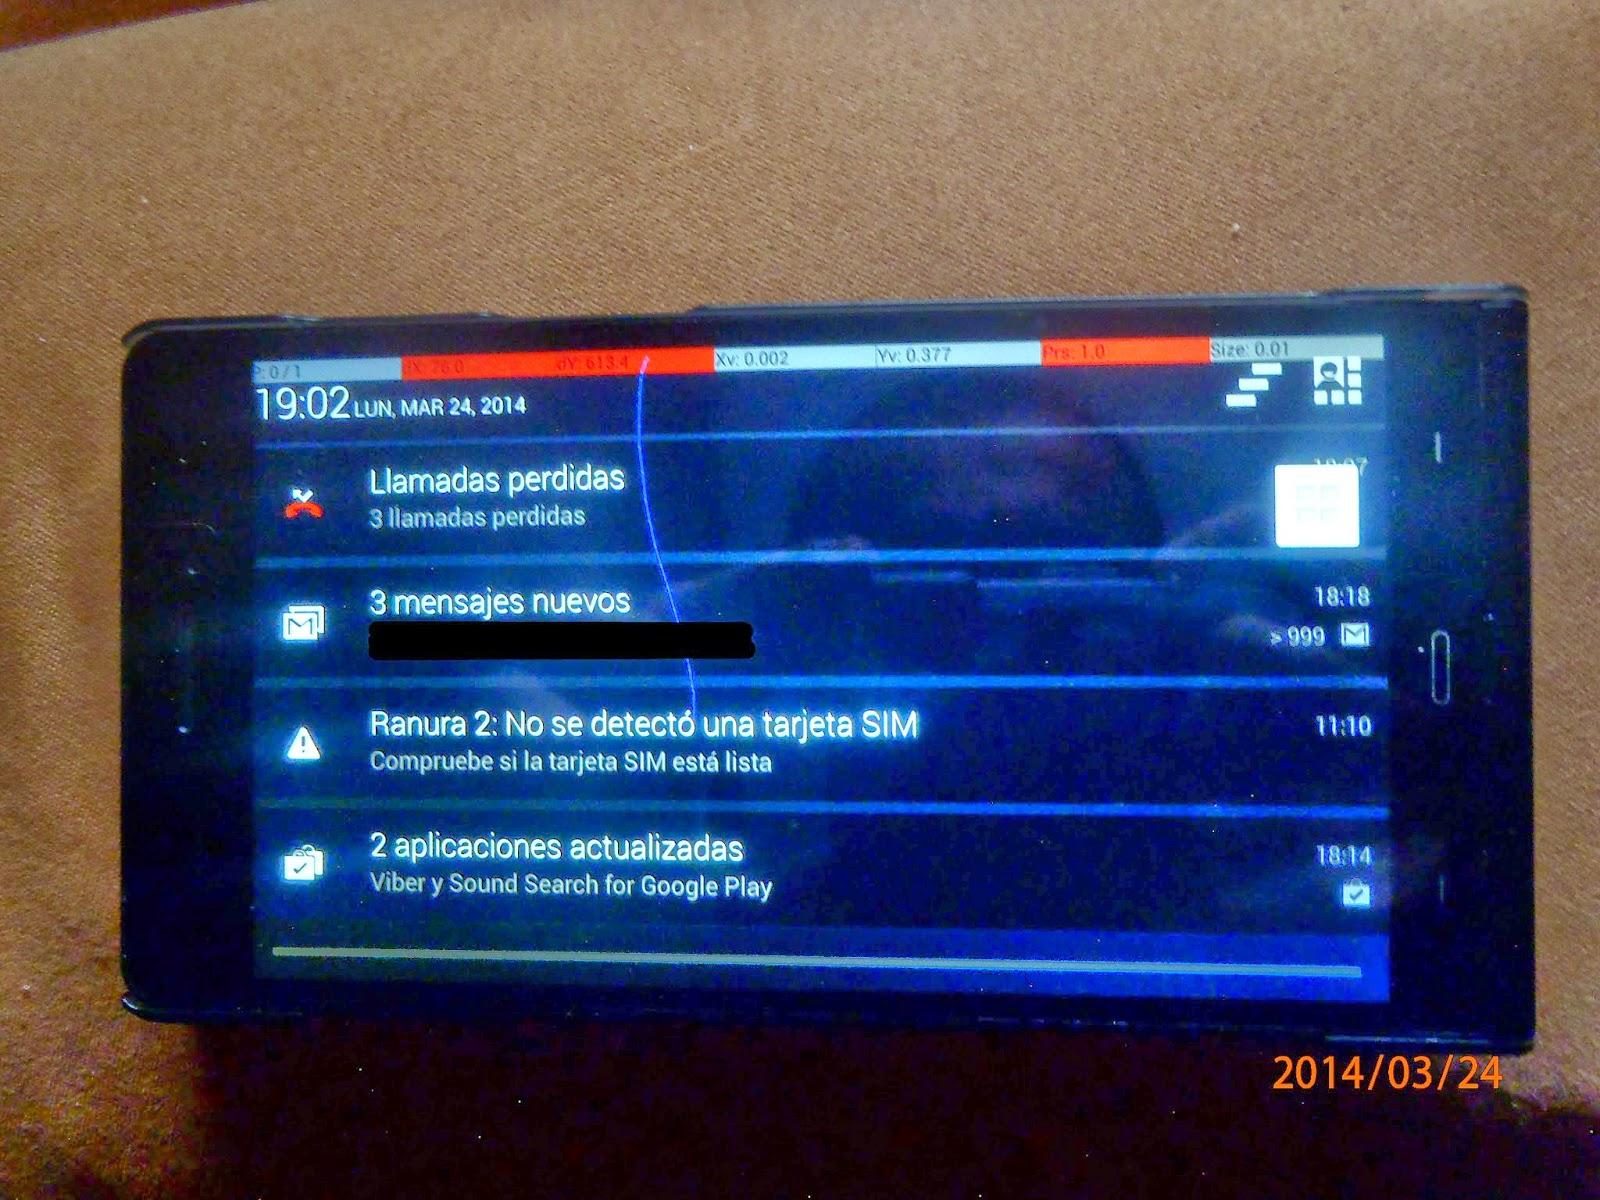 Coordenadas extrañas en la pantalla del móvil.